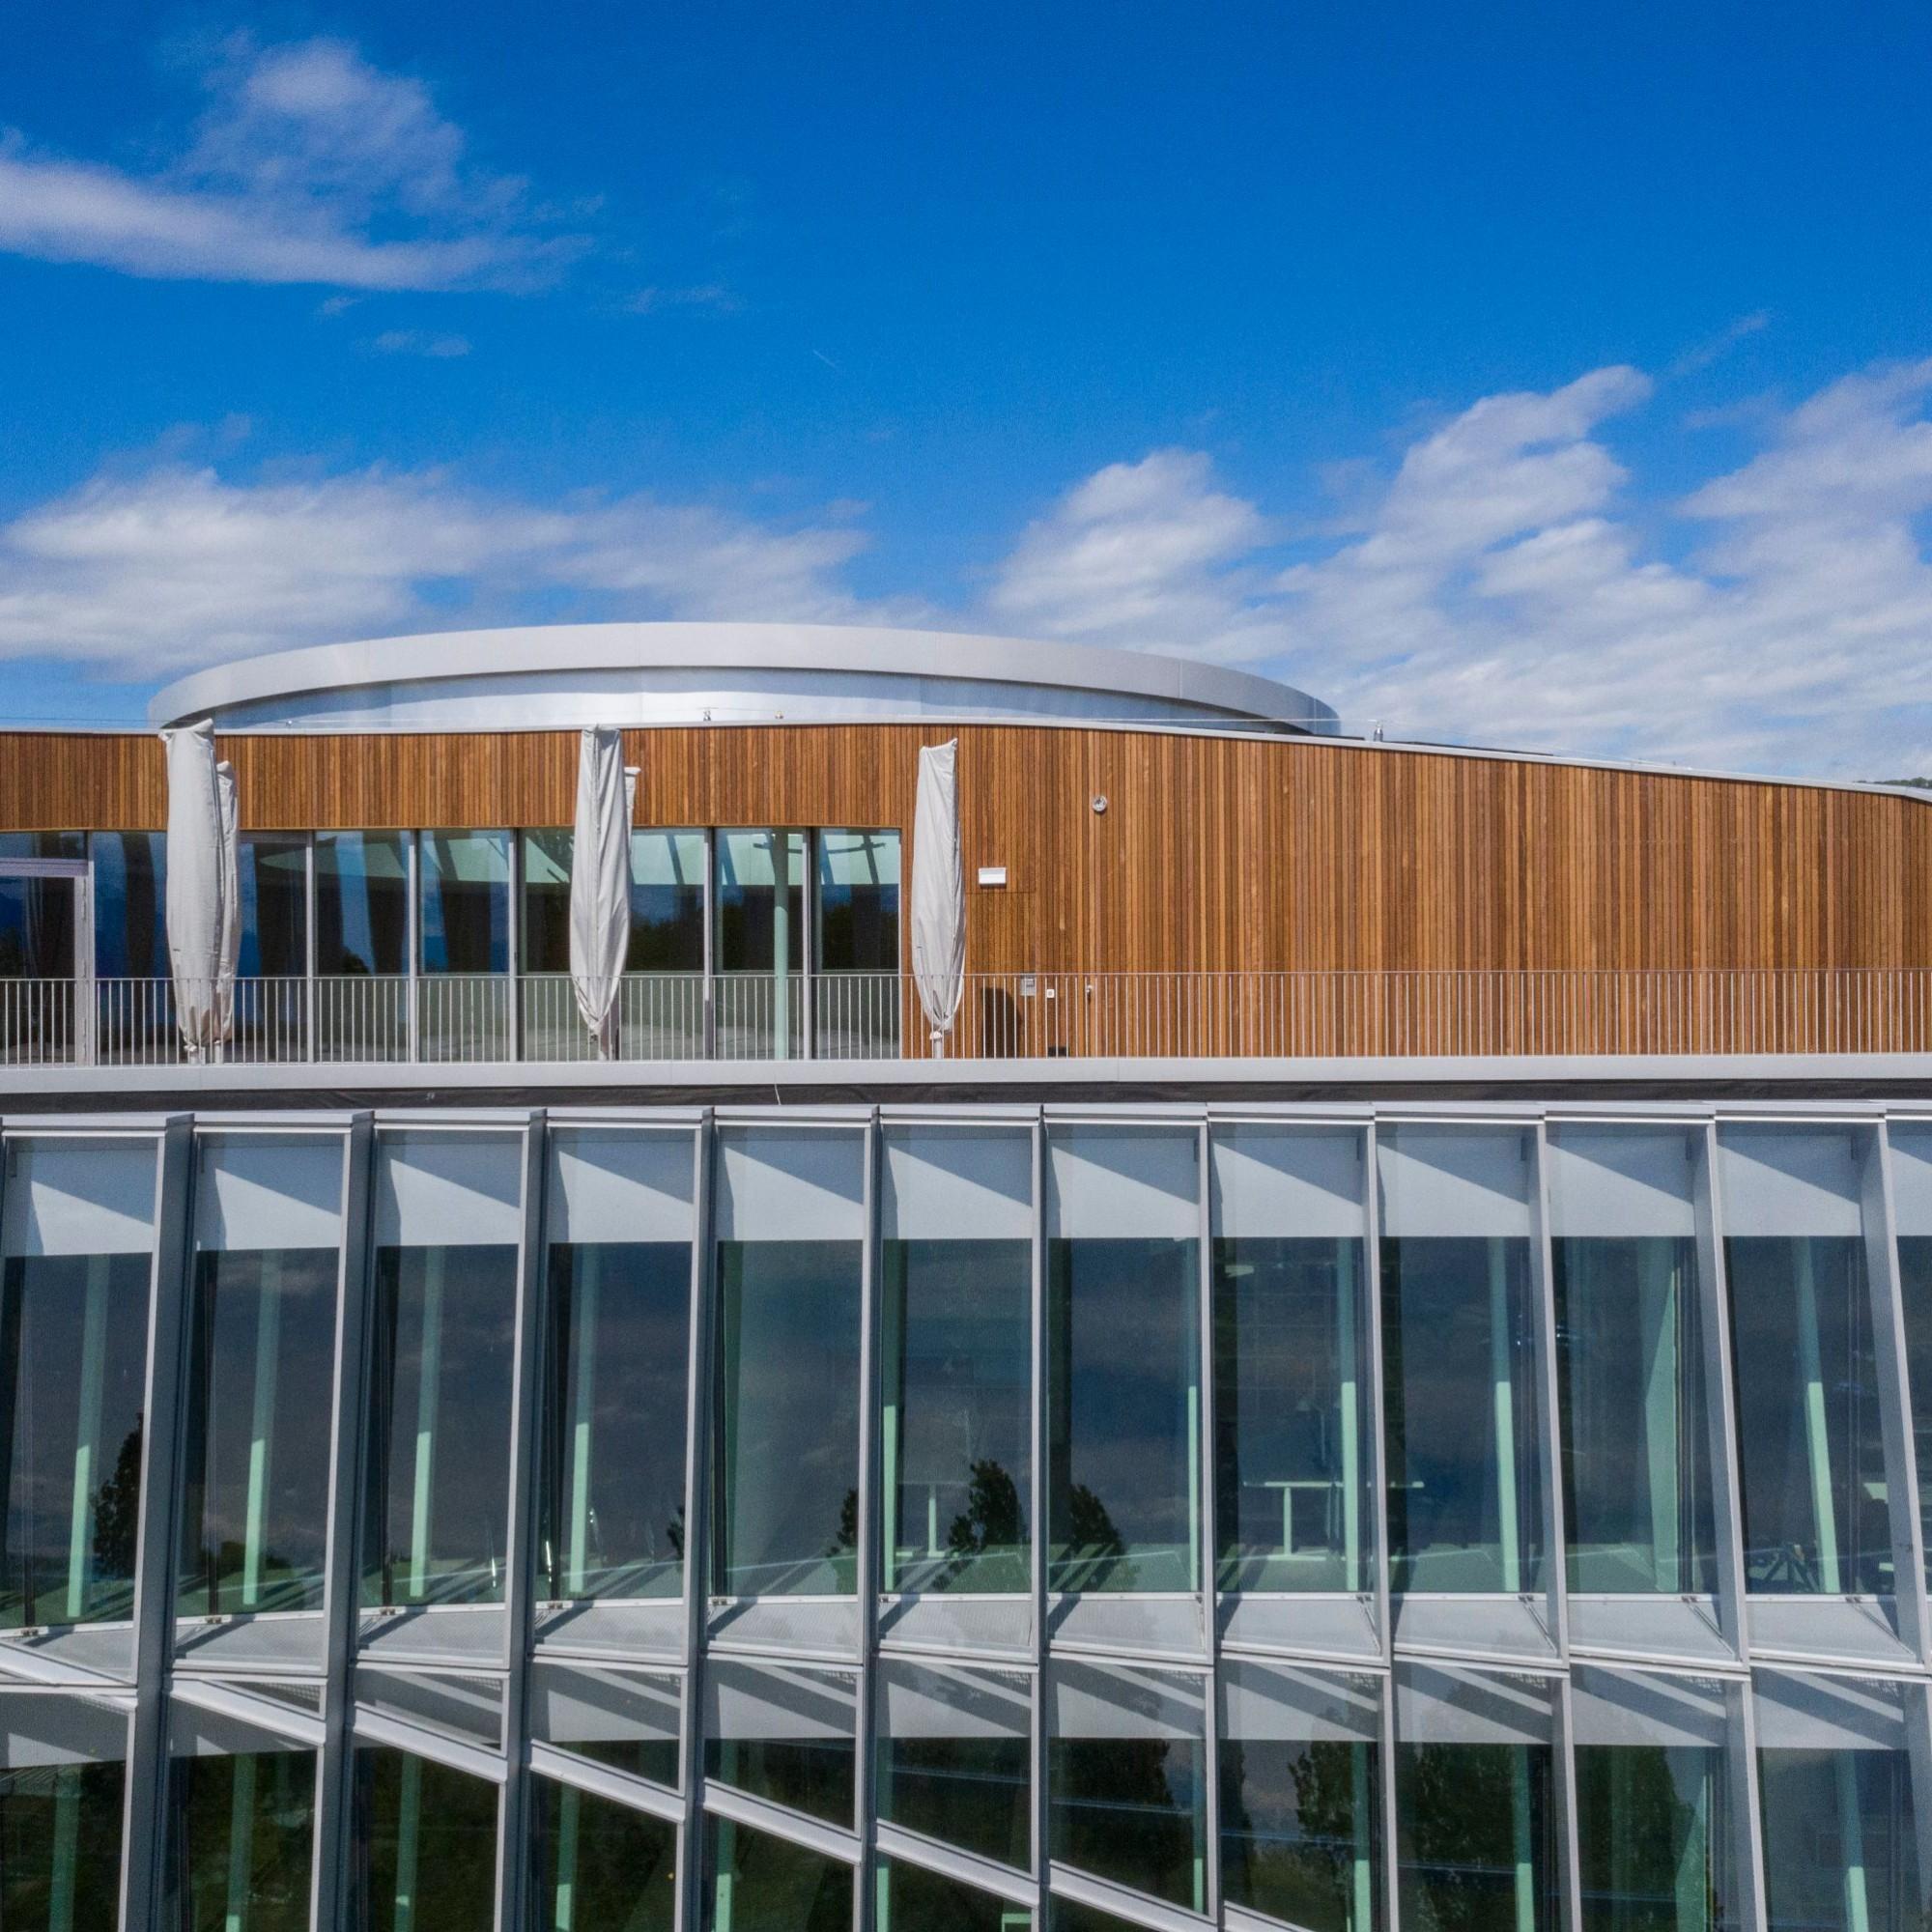 Der Bau hat zudem drei nachhaltige Gebäudezertifikate erhalten: LEED Platinum, Platin nach SNBS und Minergie P.